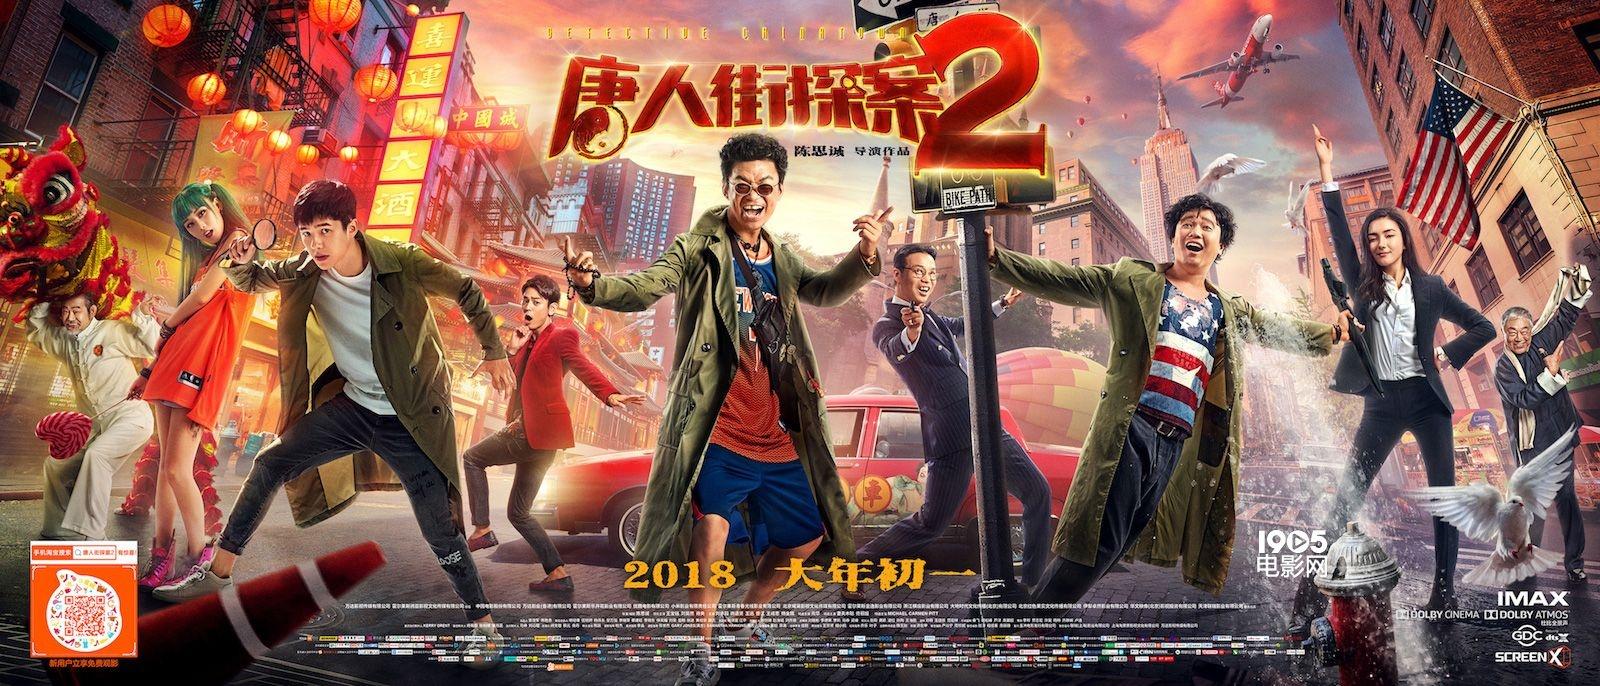 《唐探2》新海报 王宝强刘昊然对着烤鸡分析案情